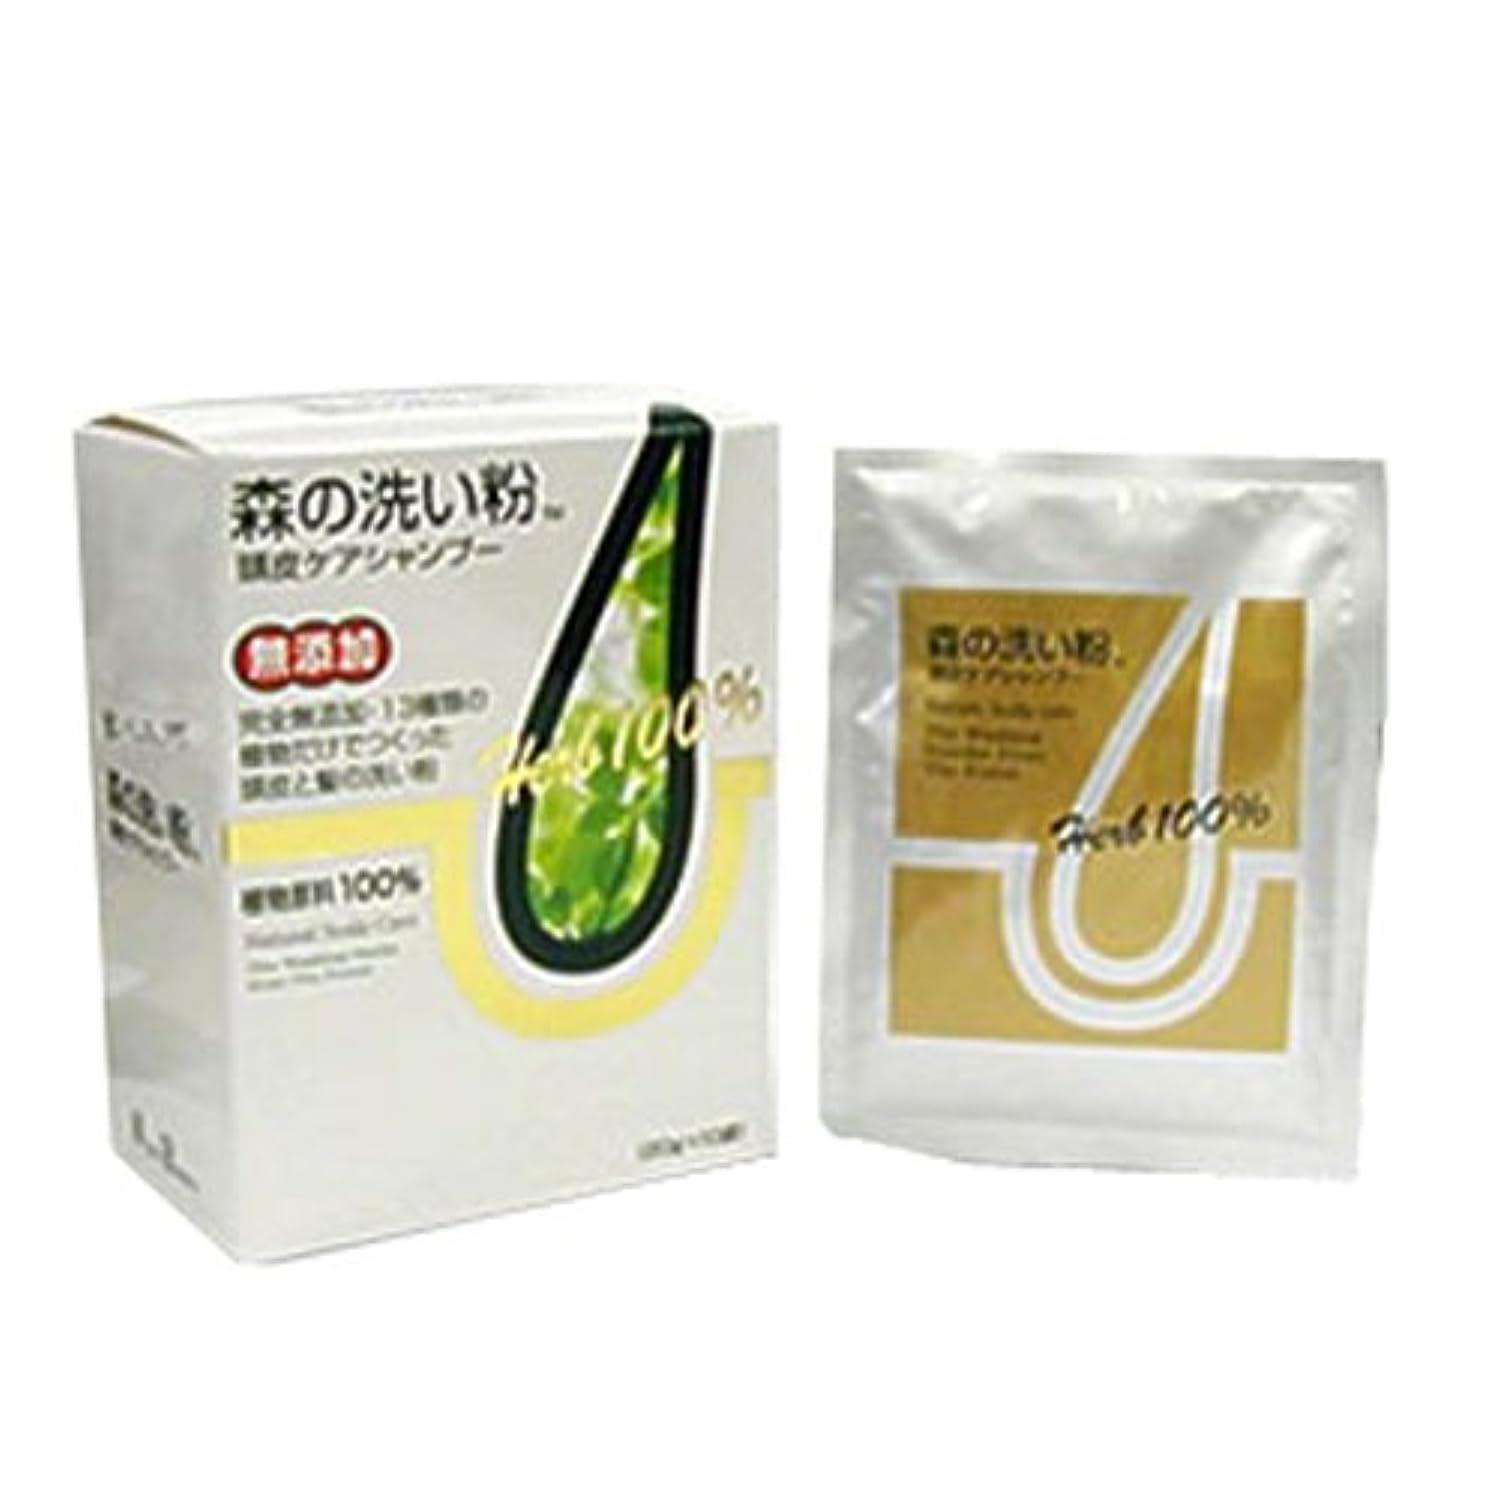 定常アブセイ床森の洗い粉 頭皮ケアシャンプー 20g*10袋